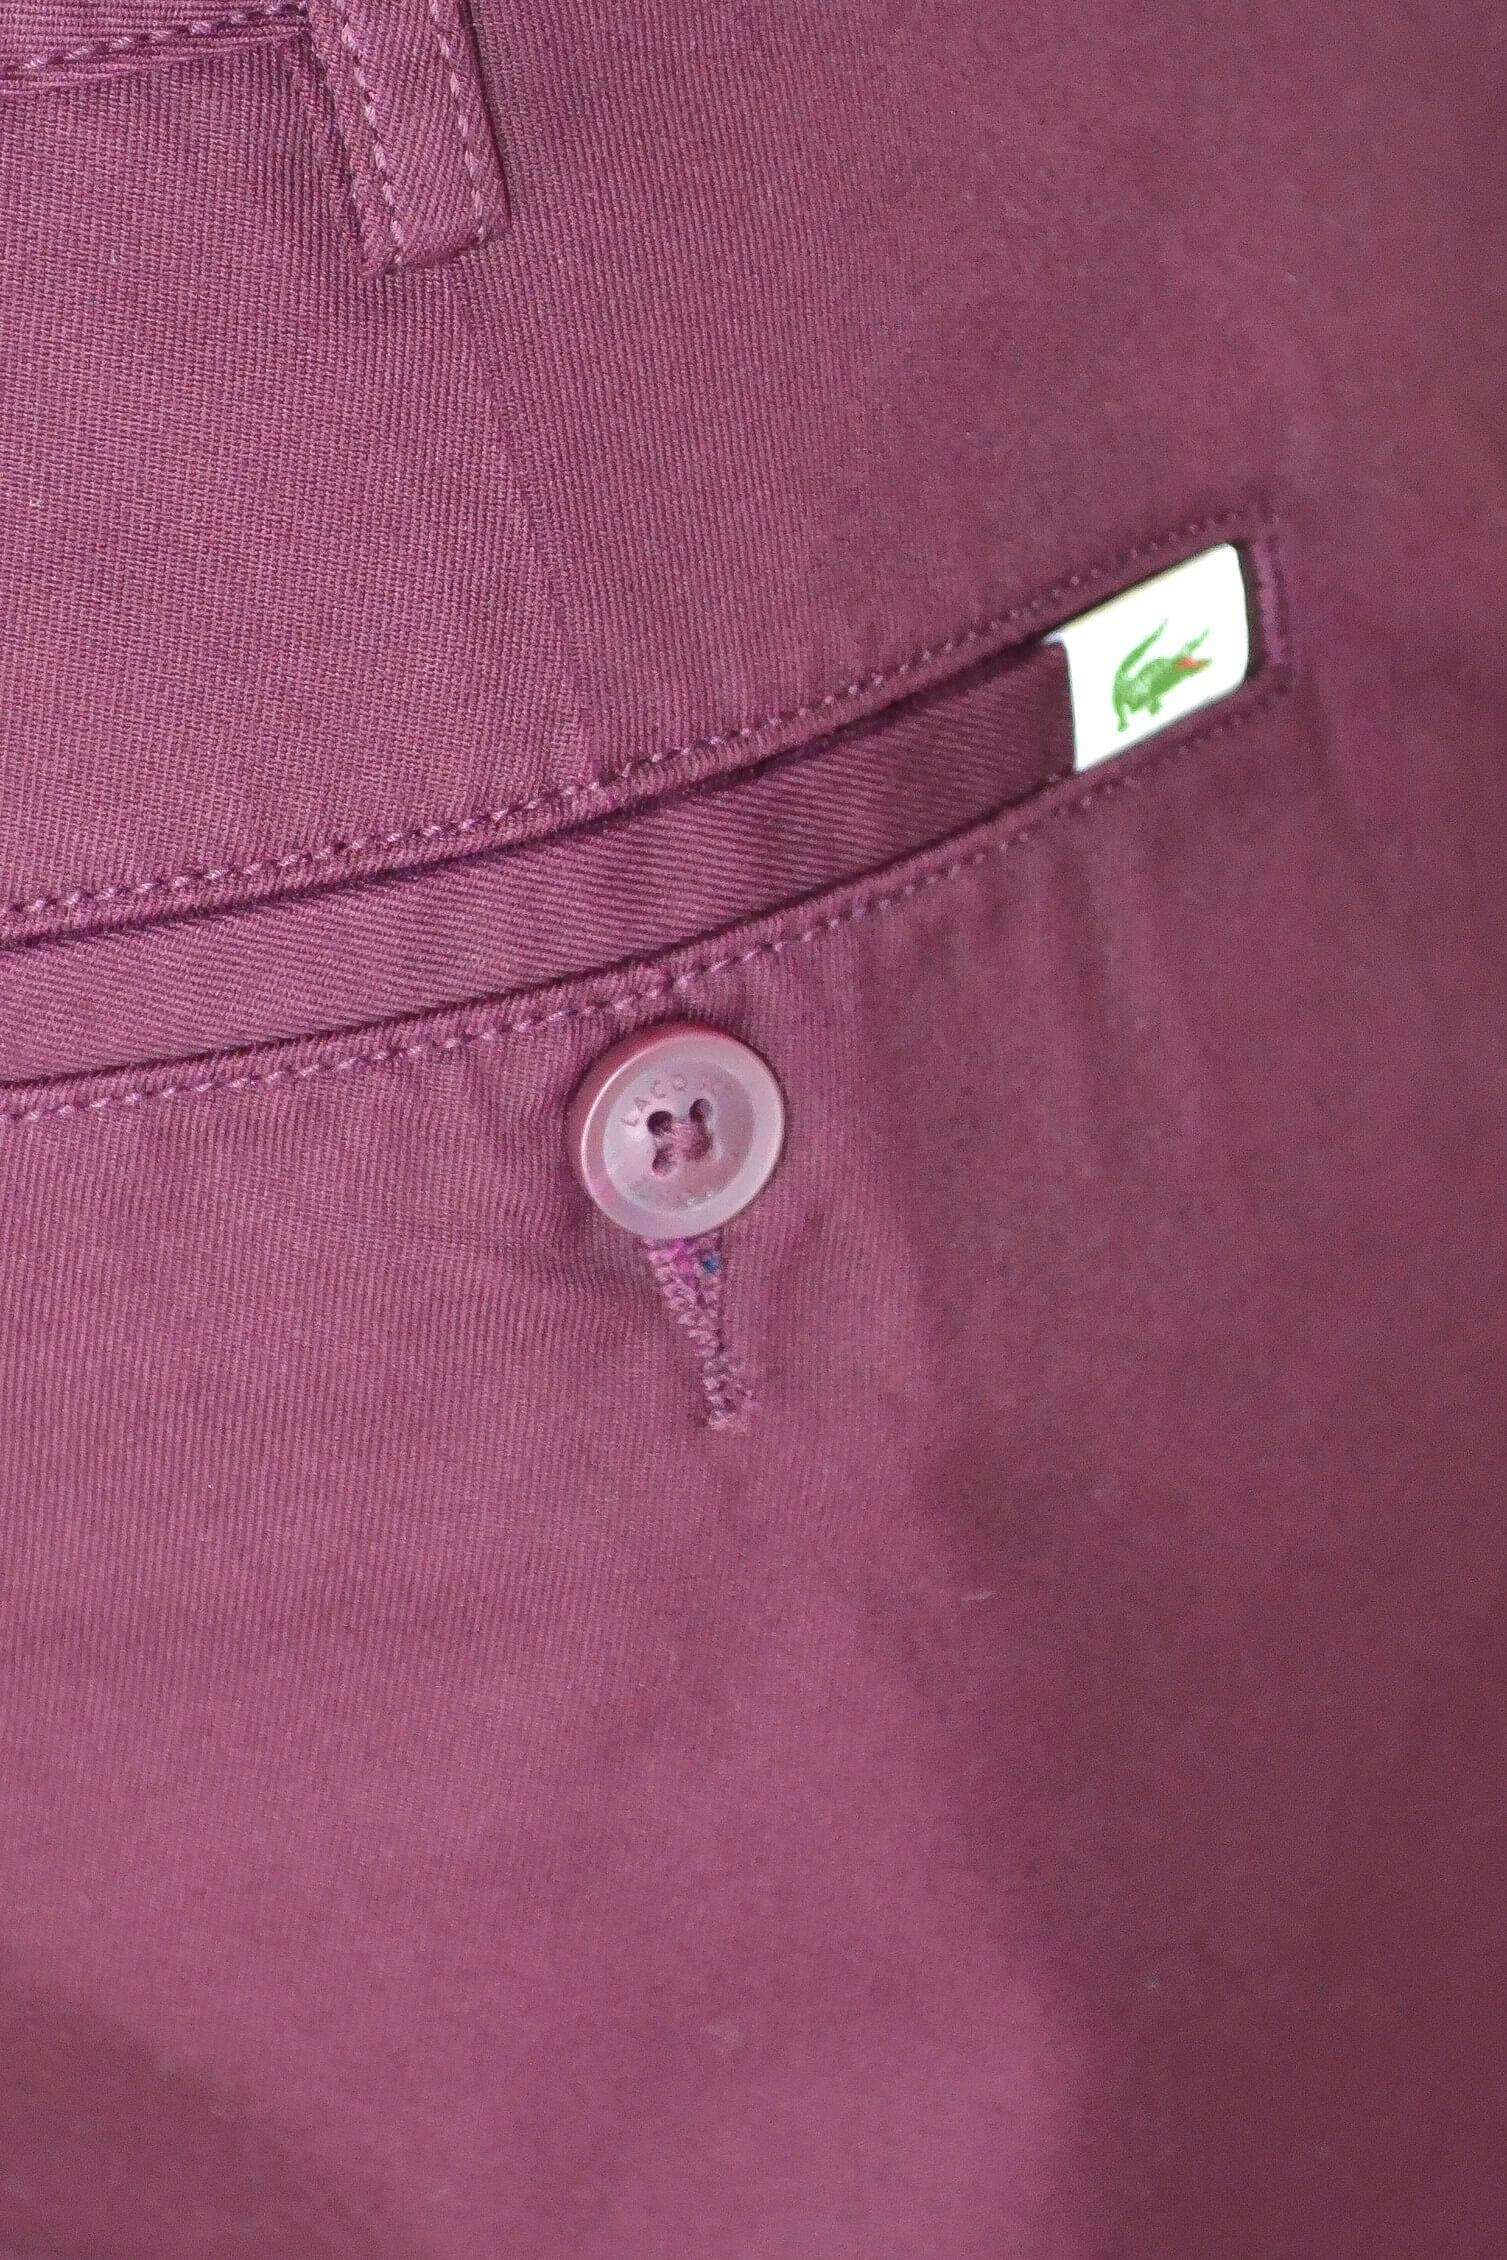 Pantalon Pour Au Bordeaux Lacoste Homme Chino Rouge Meil Toujours O7qIBrO